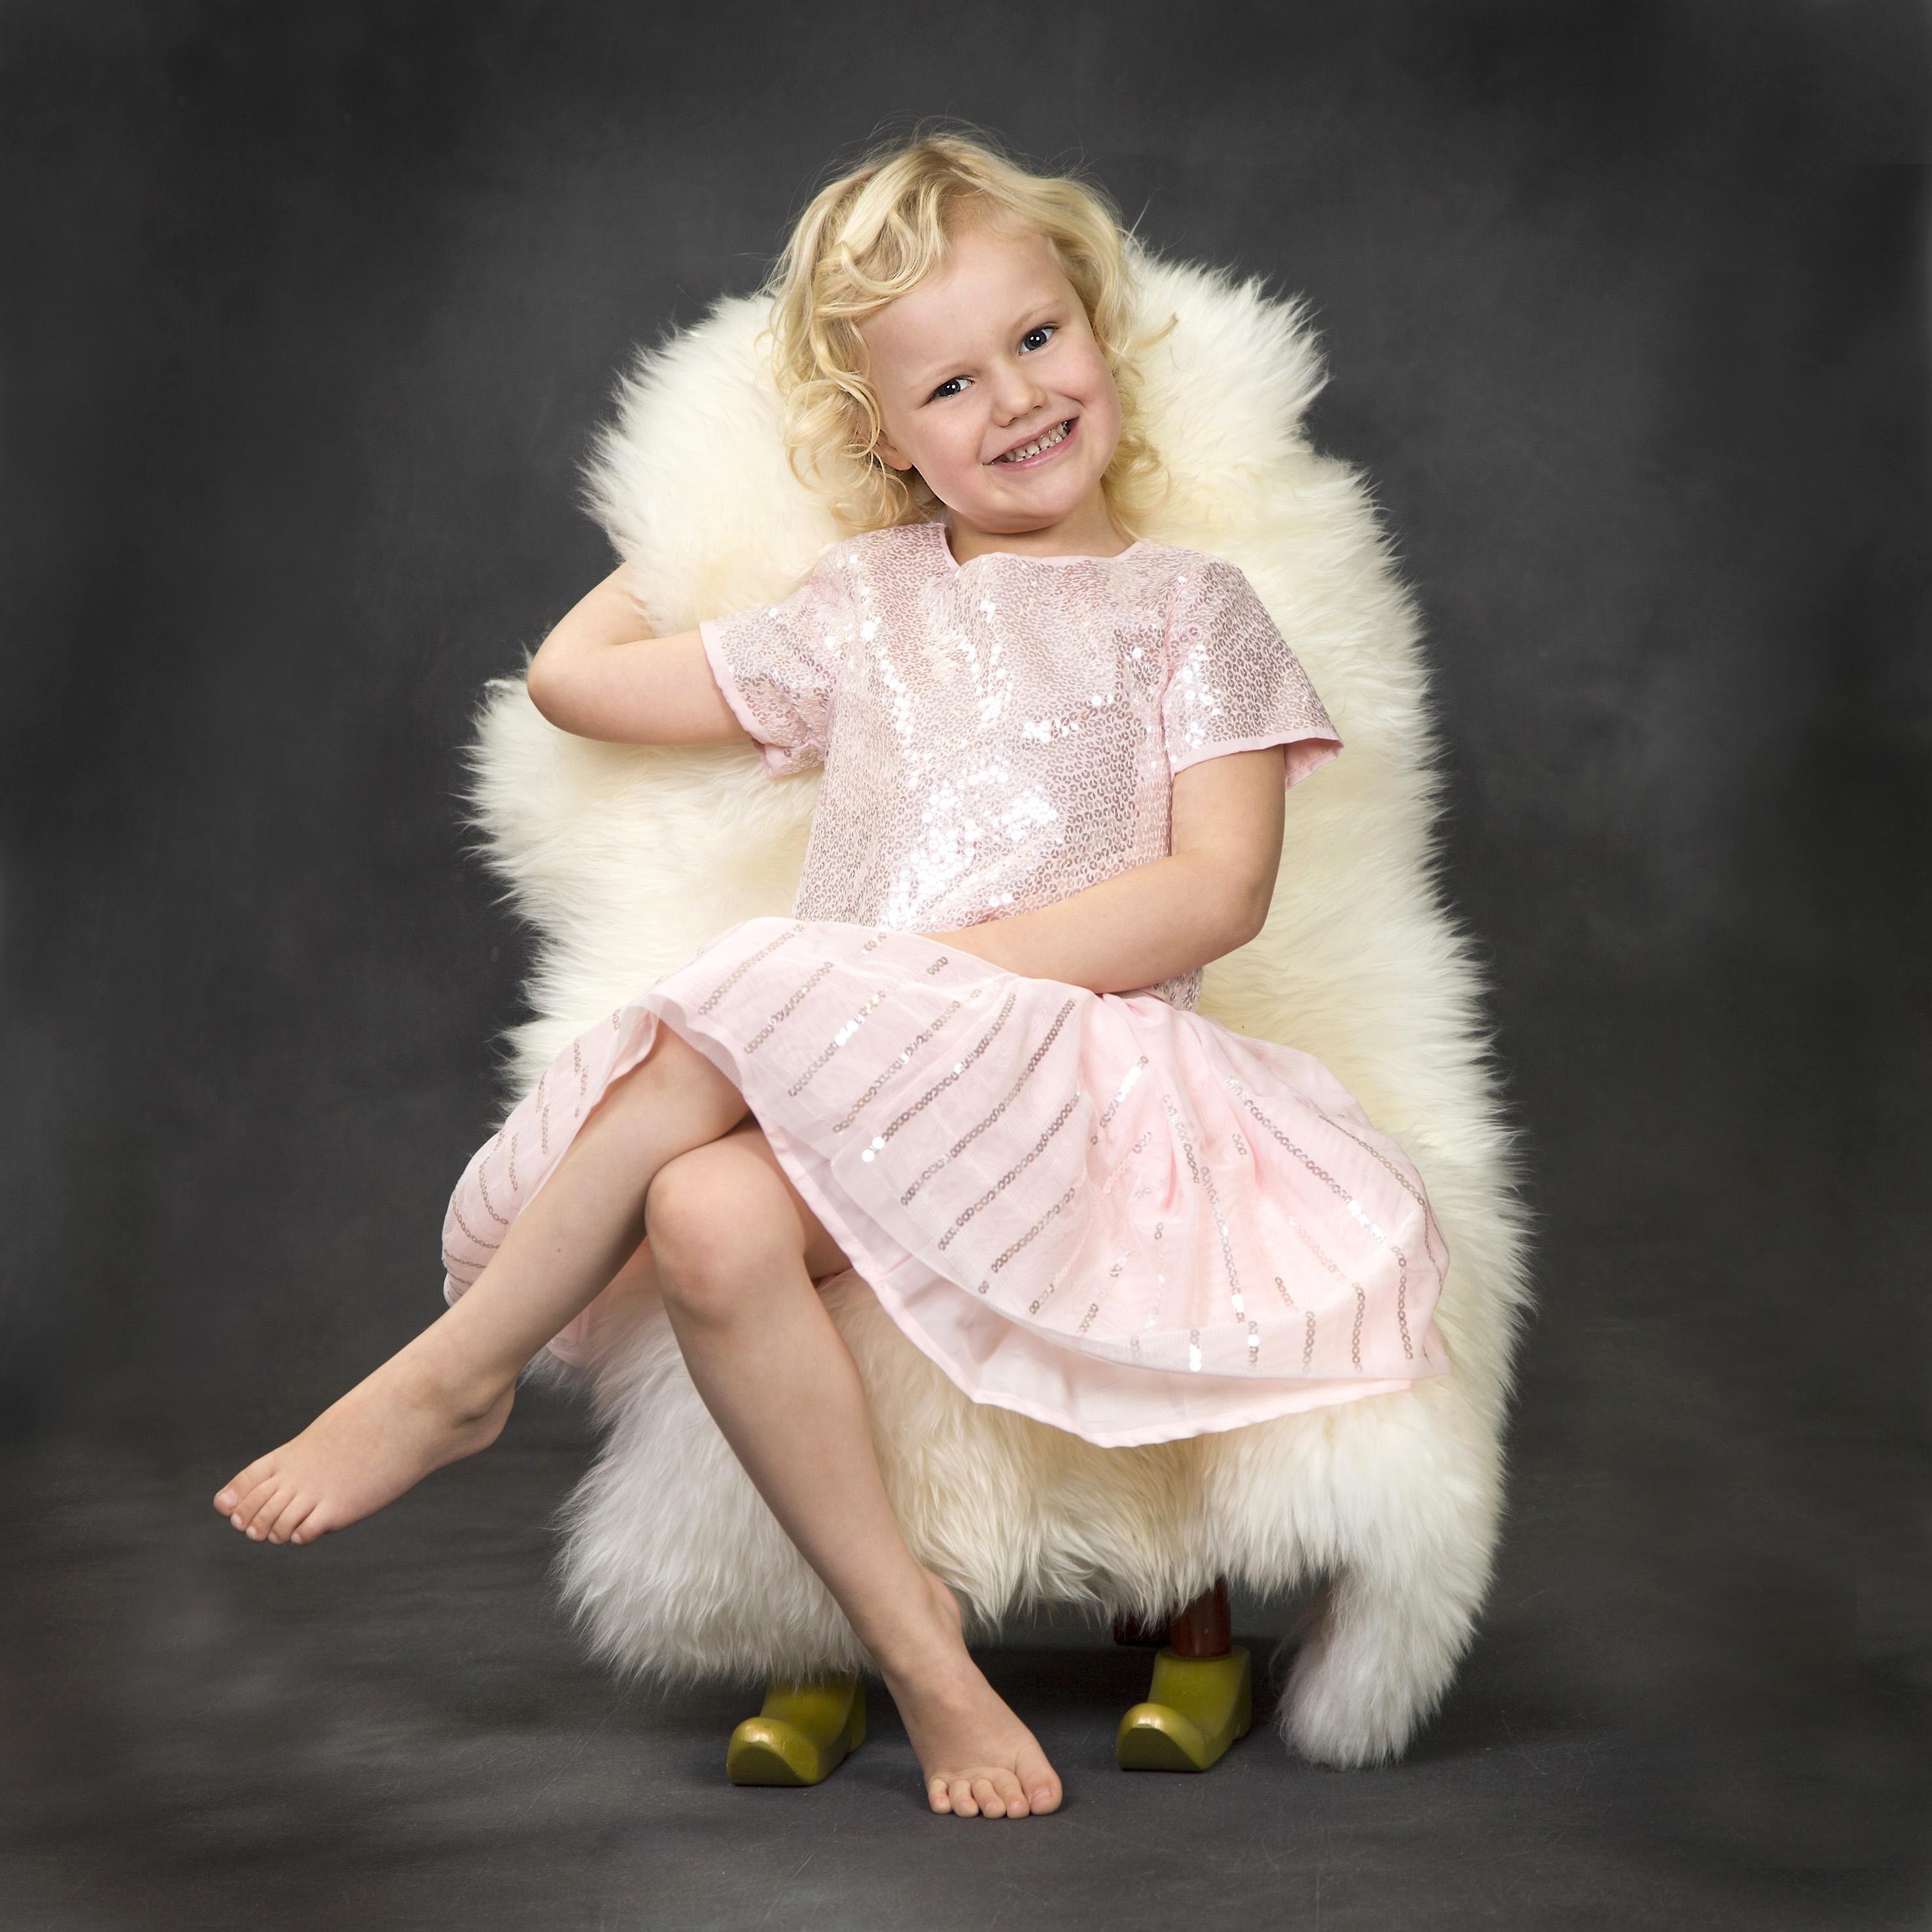 Børnefotografering - pige på stol